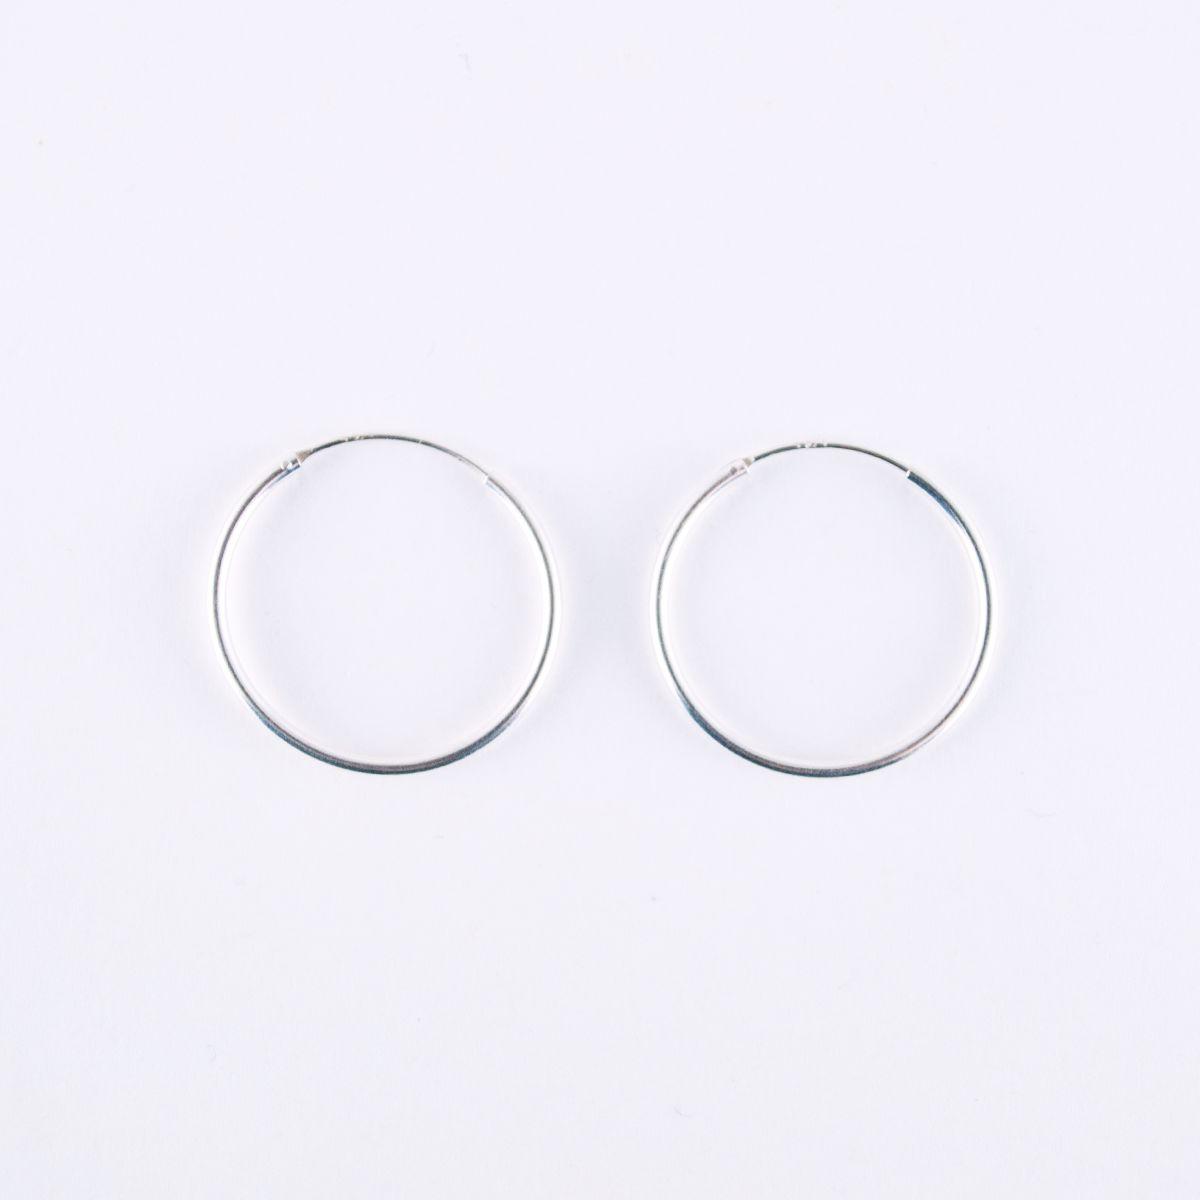 hopscotch_large hoop earrings silver